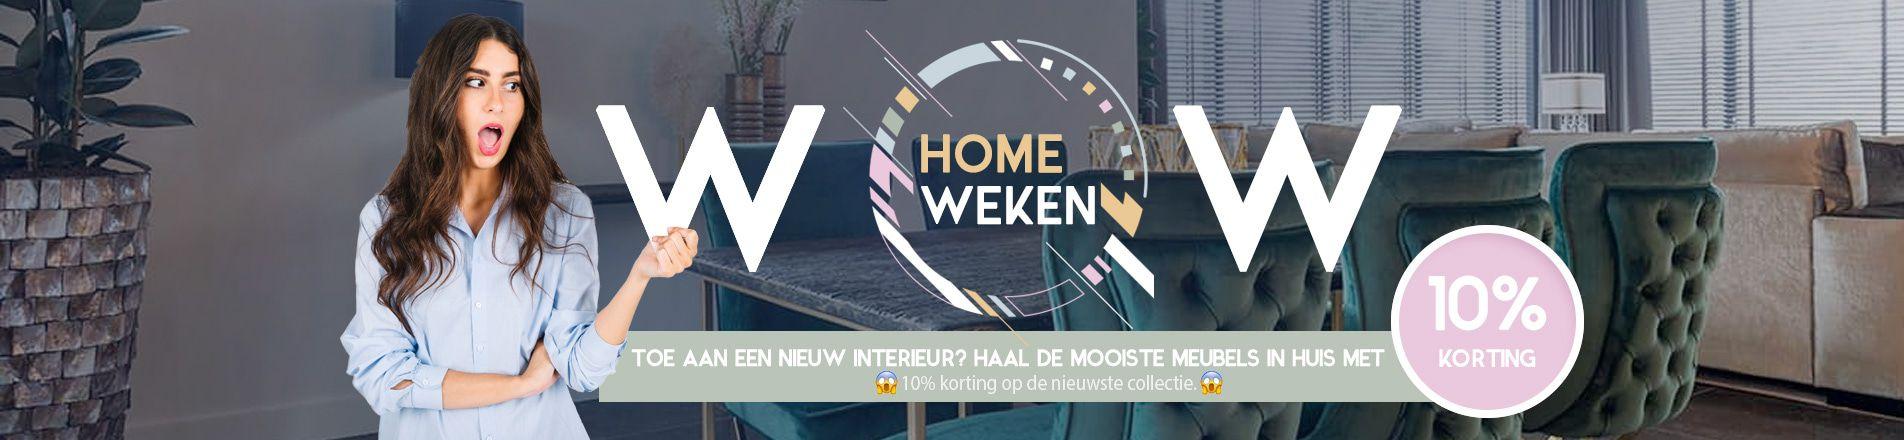 wow weken - Trendymeubels.nl